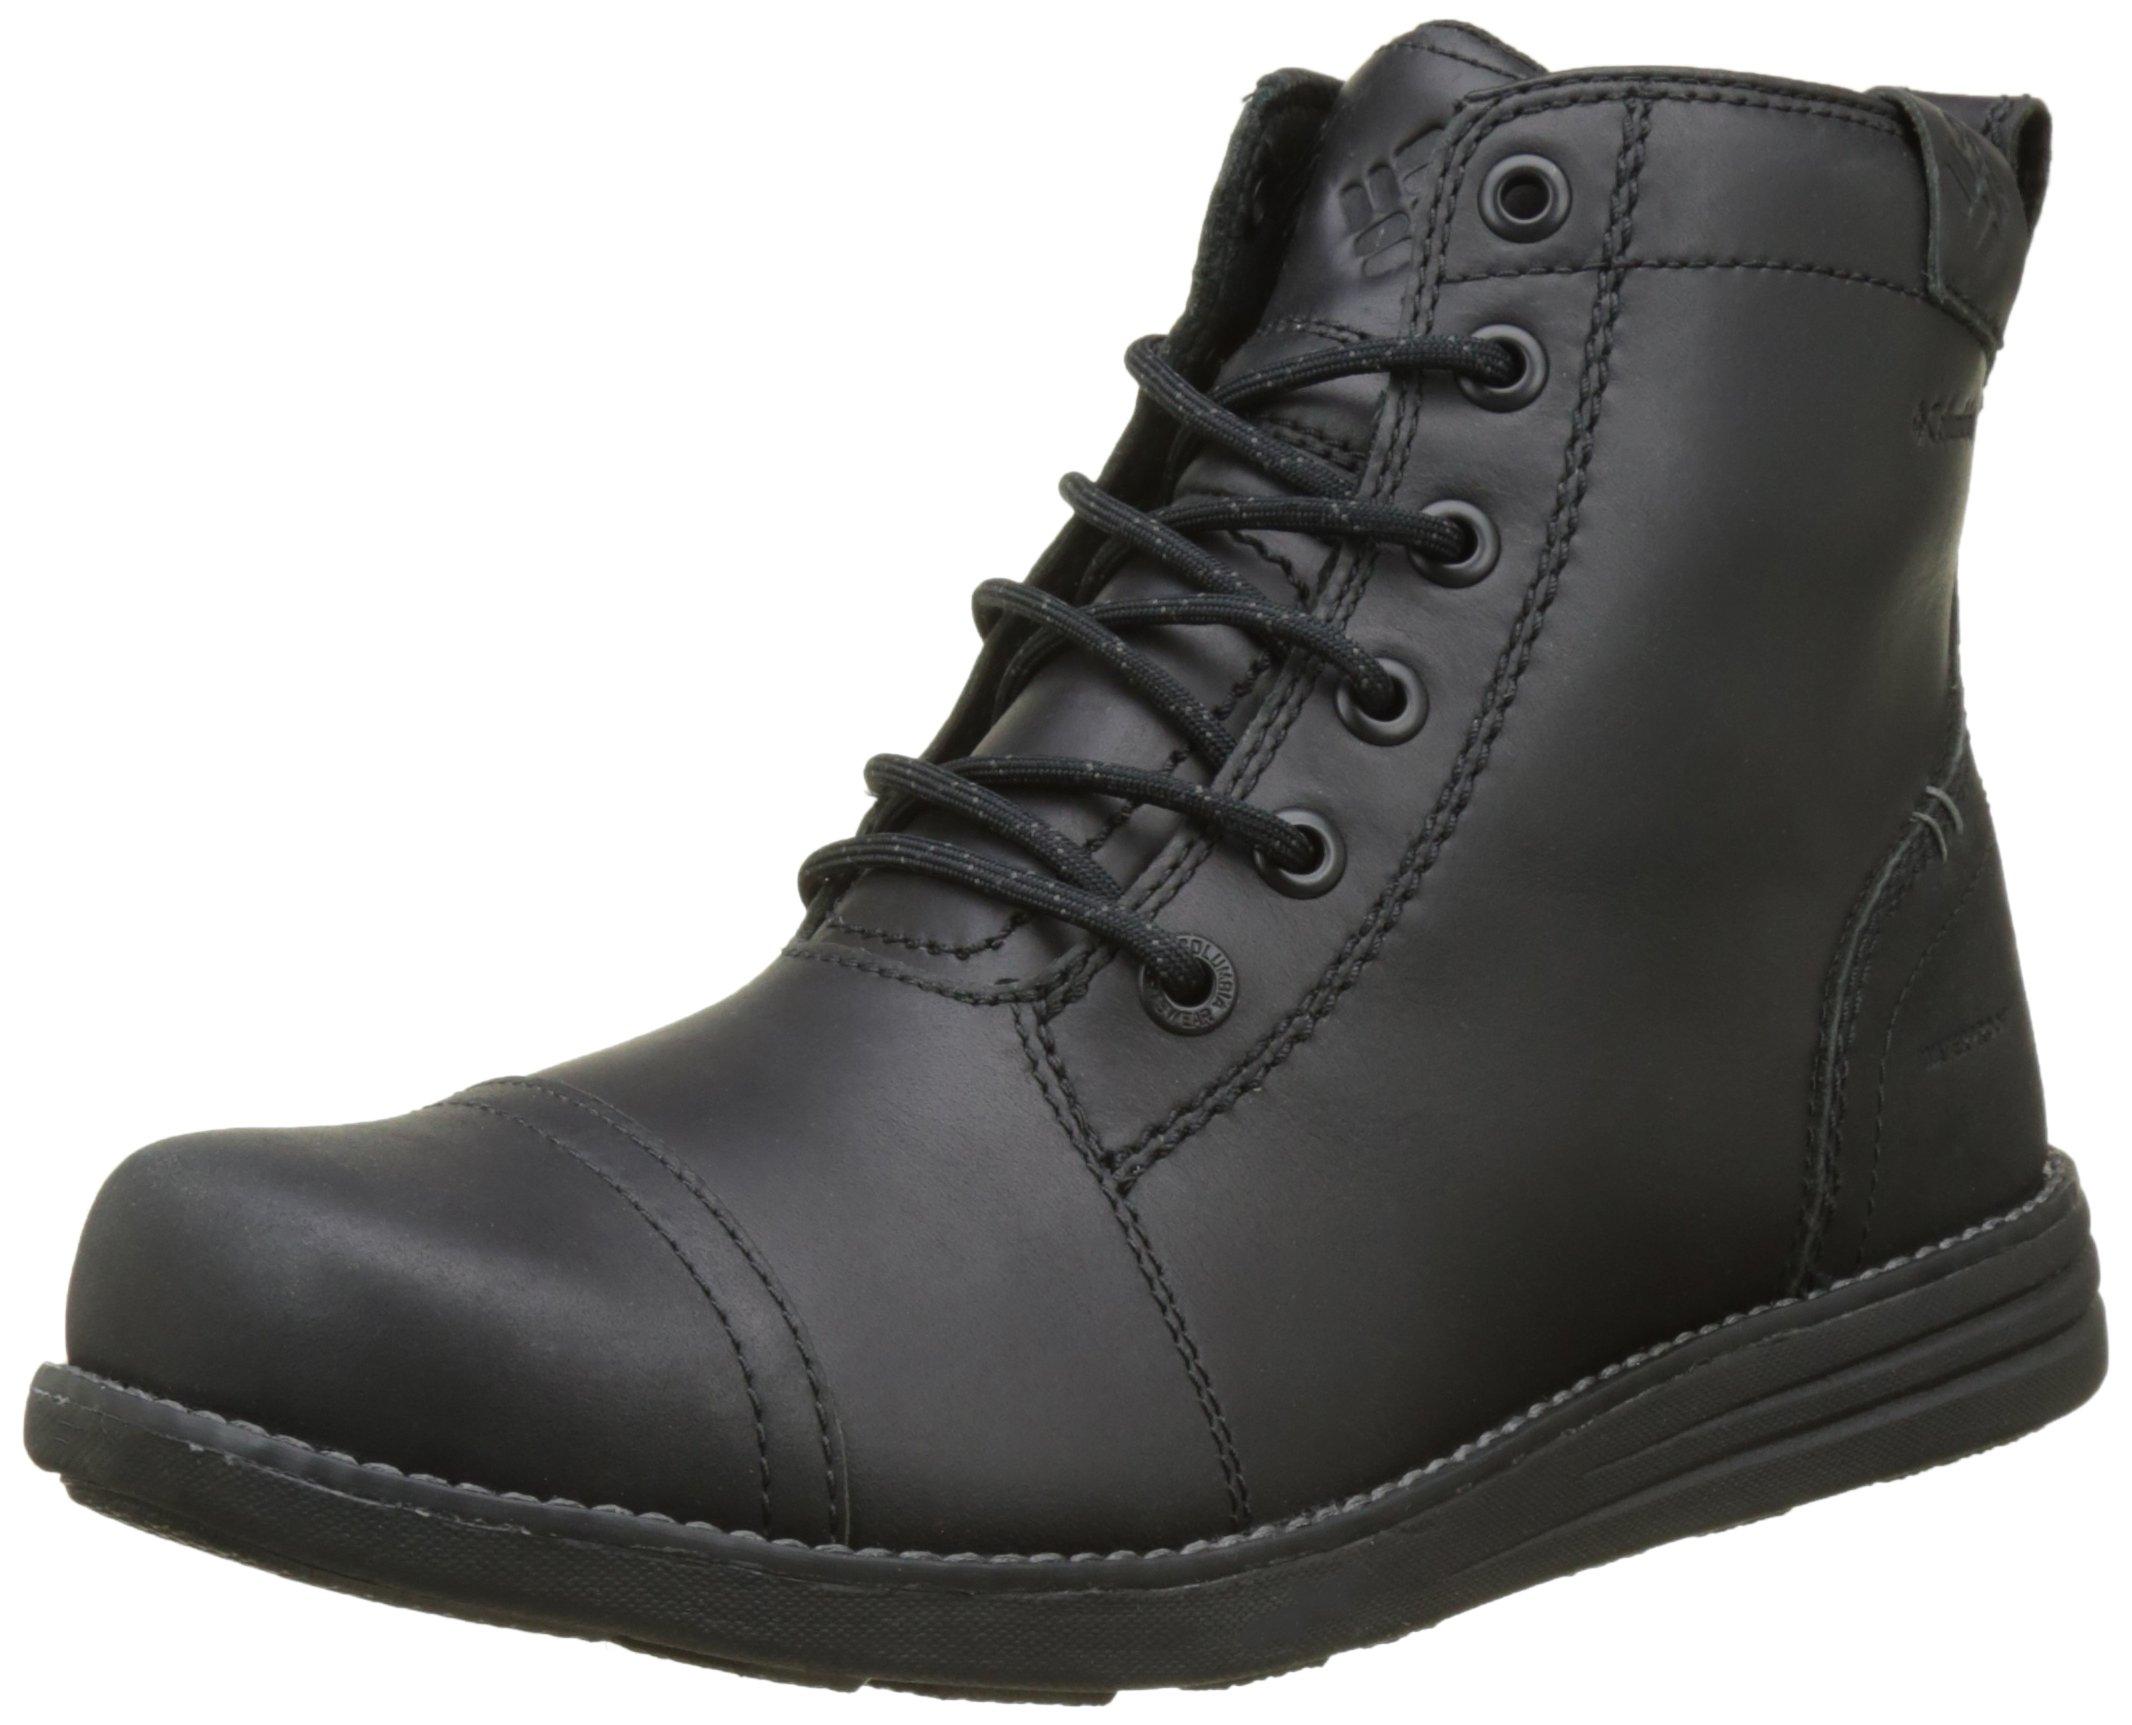 Columbia Men's Irvington 6'' Leather Boot Waterproof Uniform Dress Shoe, Black, Charcoal, 12 D US